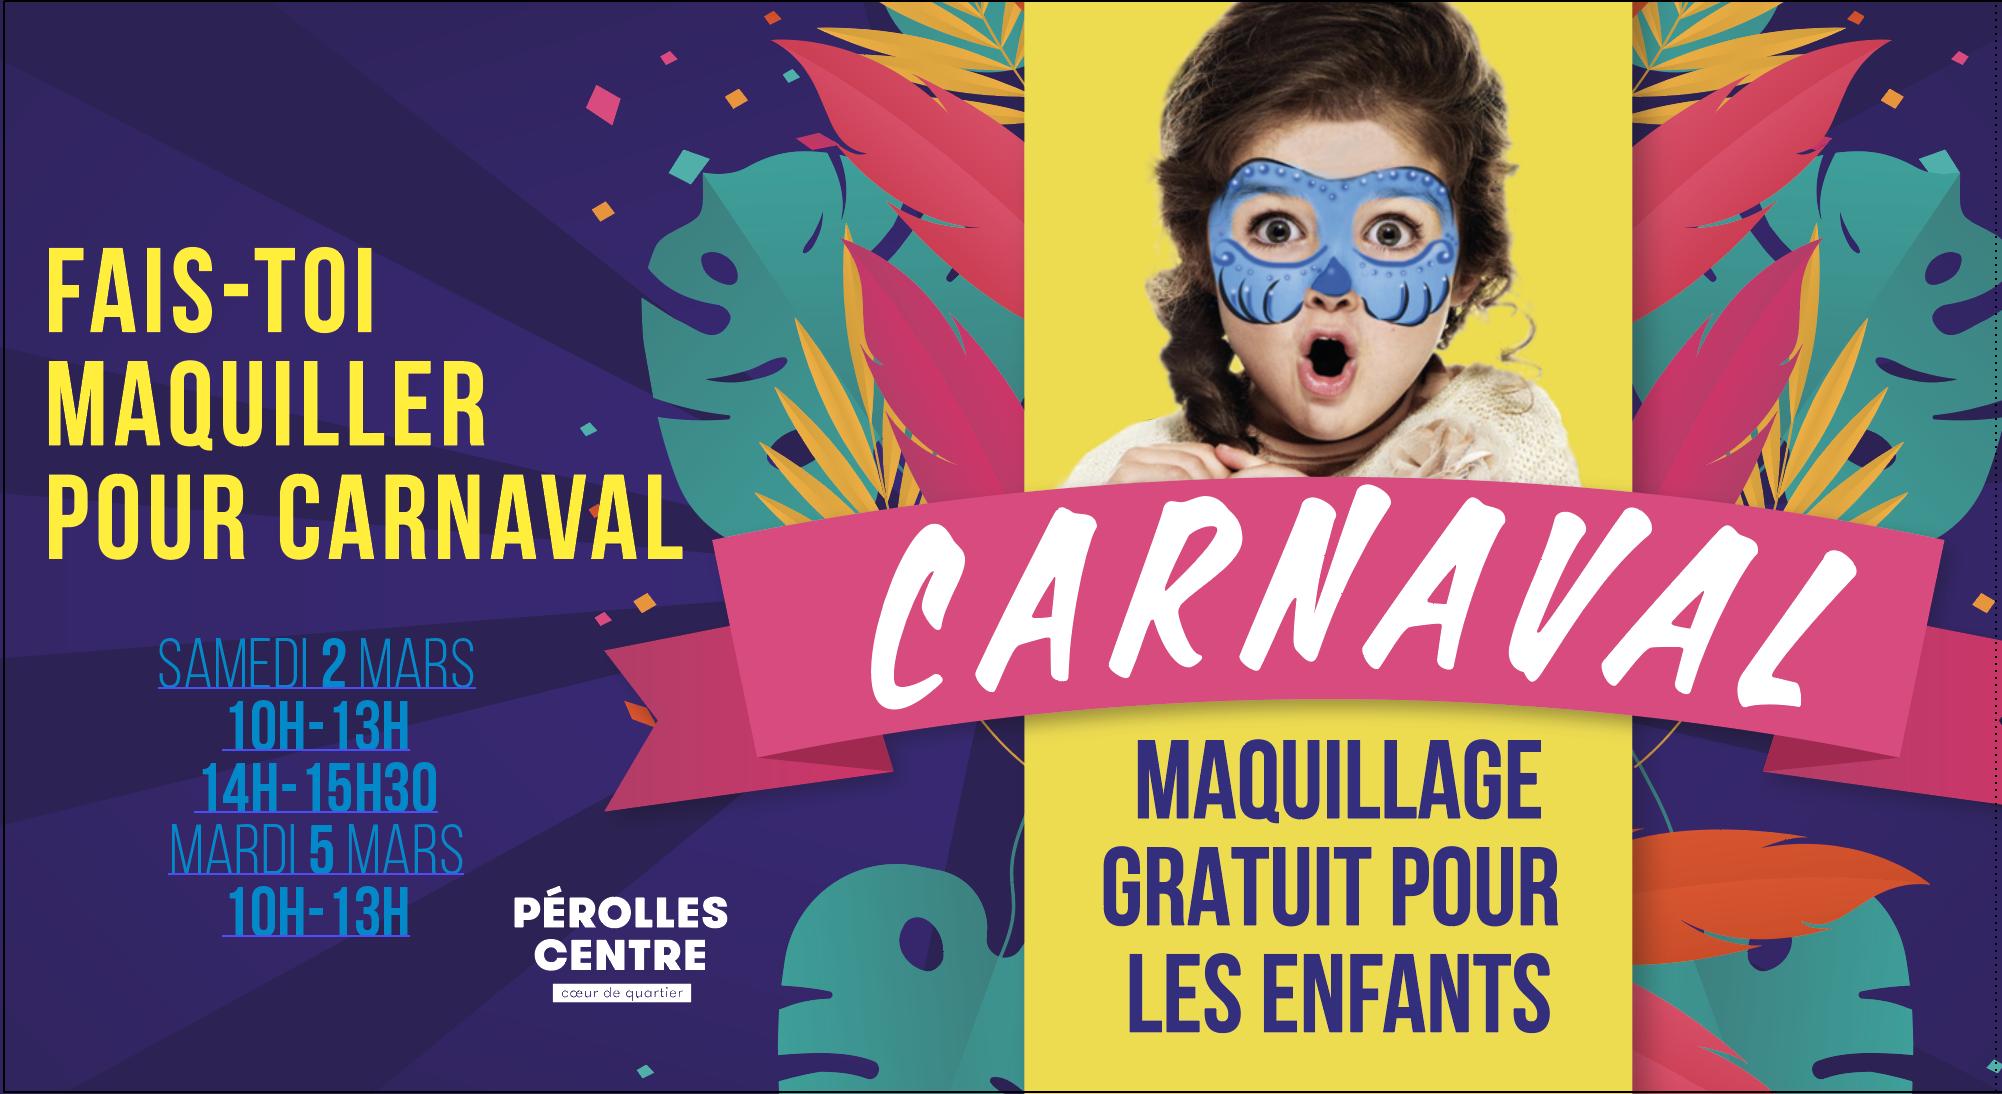 Carnaval déguisement, atelier 32, graphisme.png